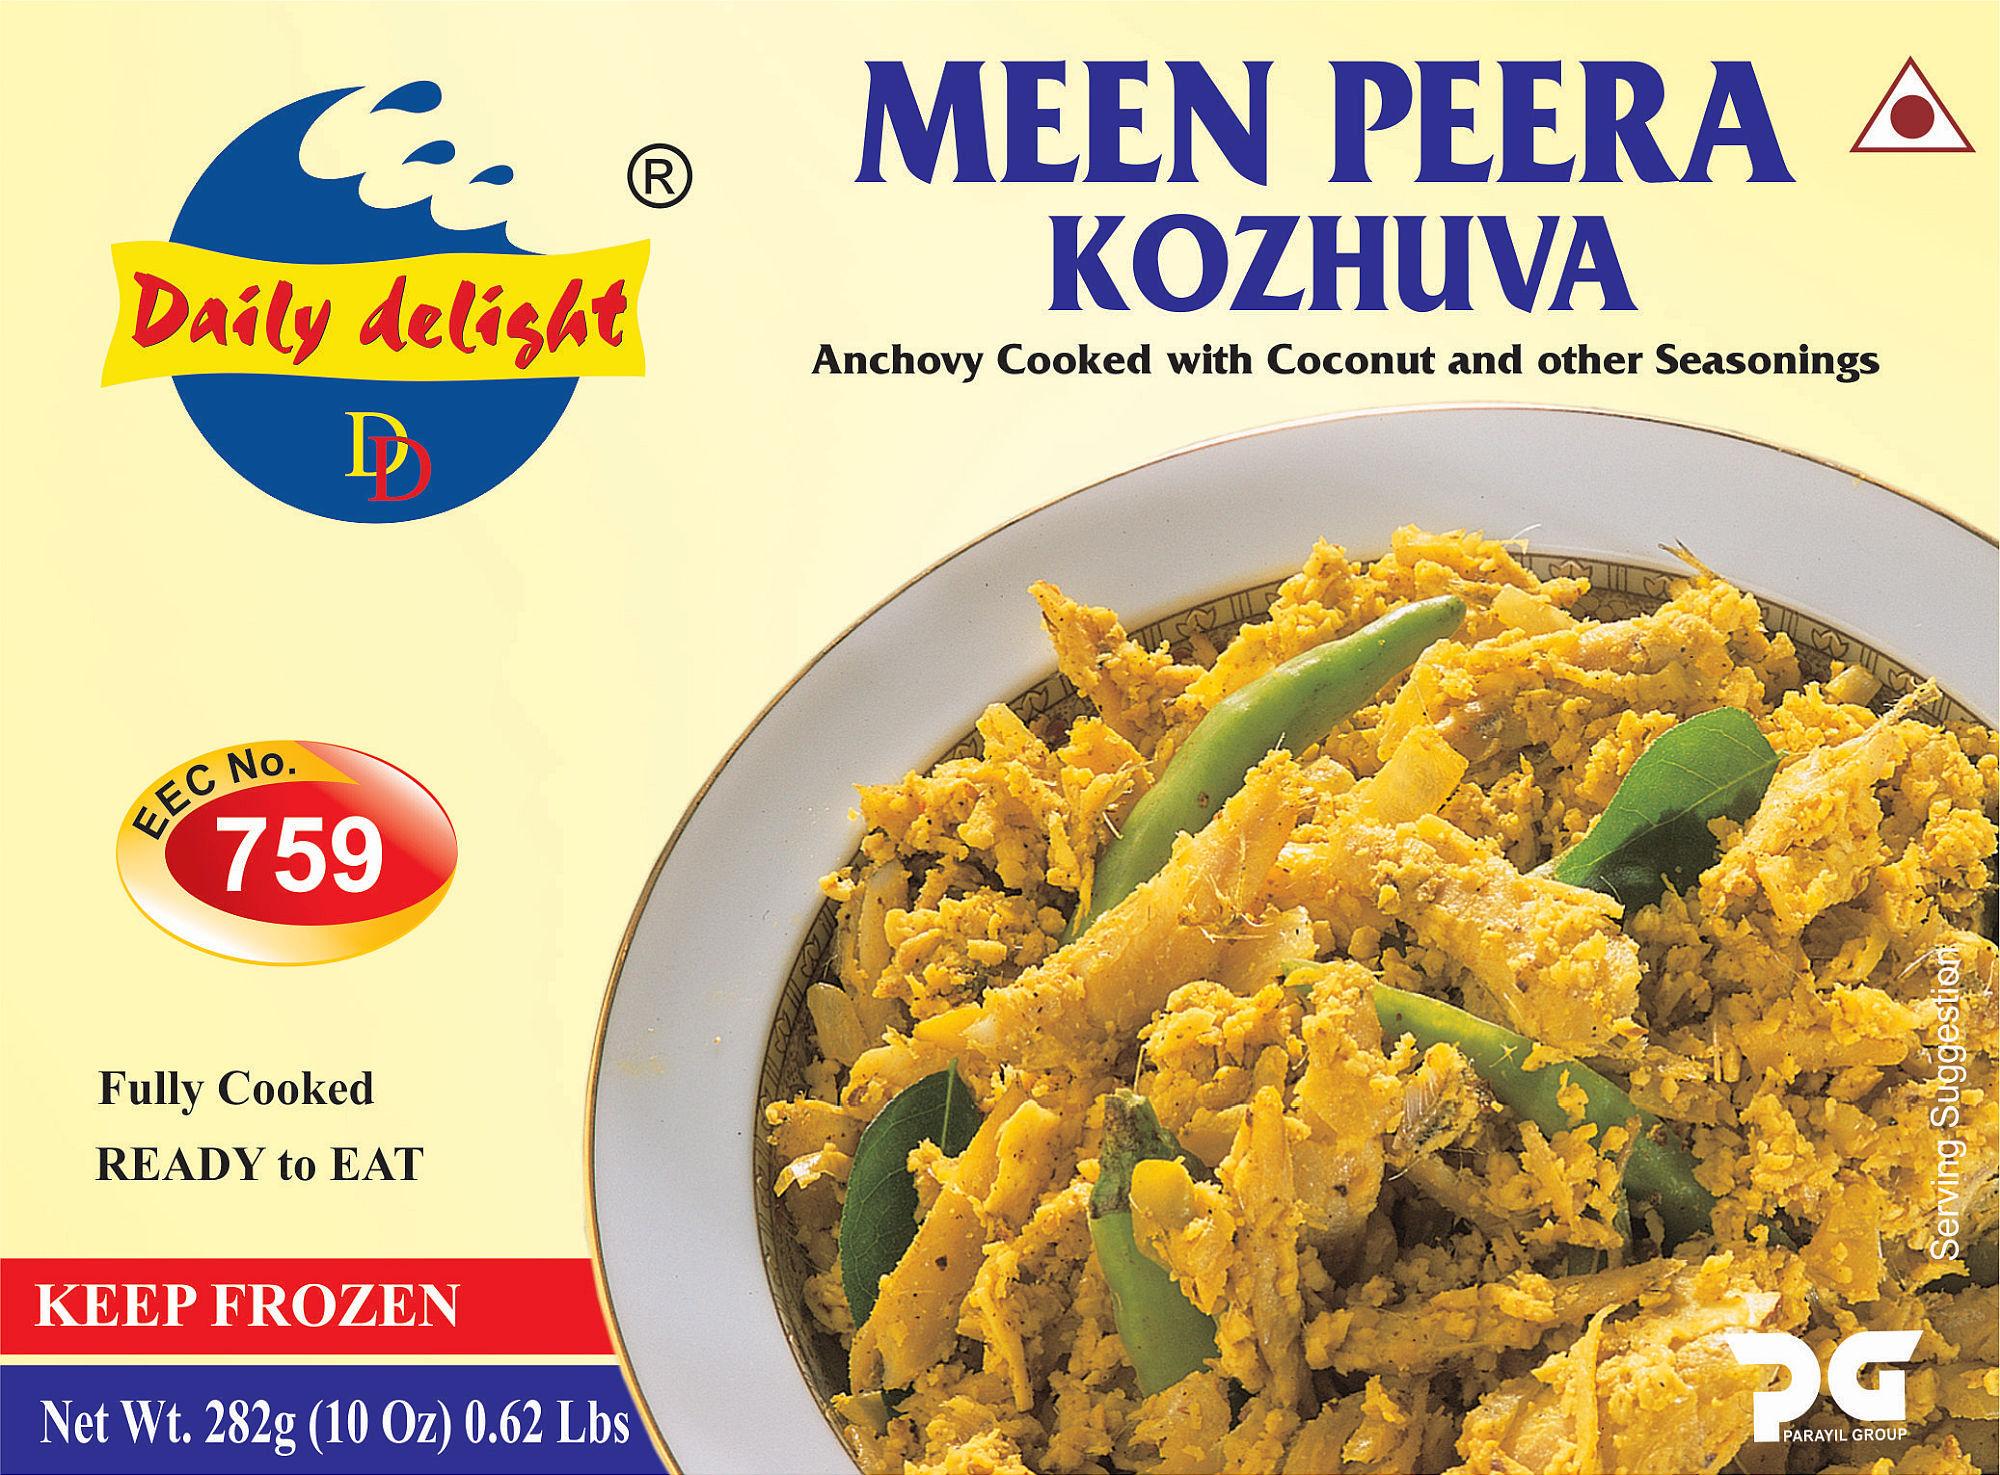 Daily Delight Meen Peera Kozhuva